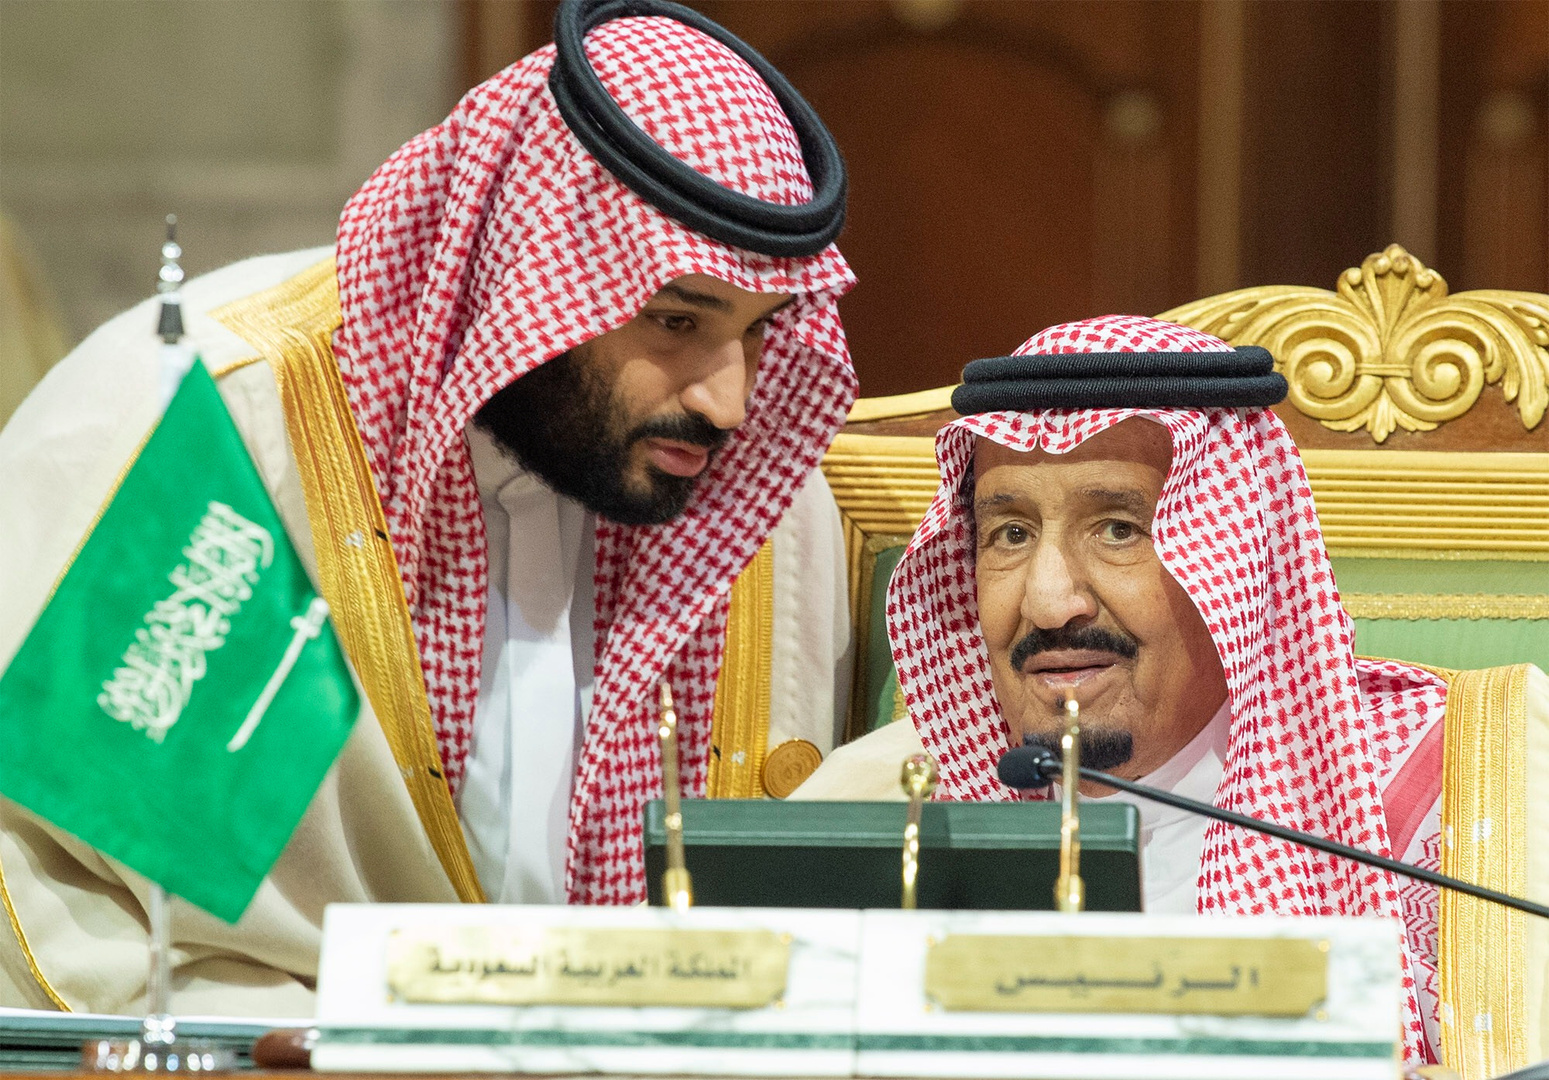 وول ستريت جورنال: انقسام بين الملك سلمان وولي عهده بشأن التطبيع مع إسرائيل